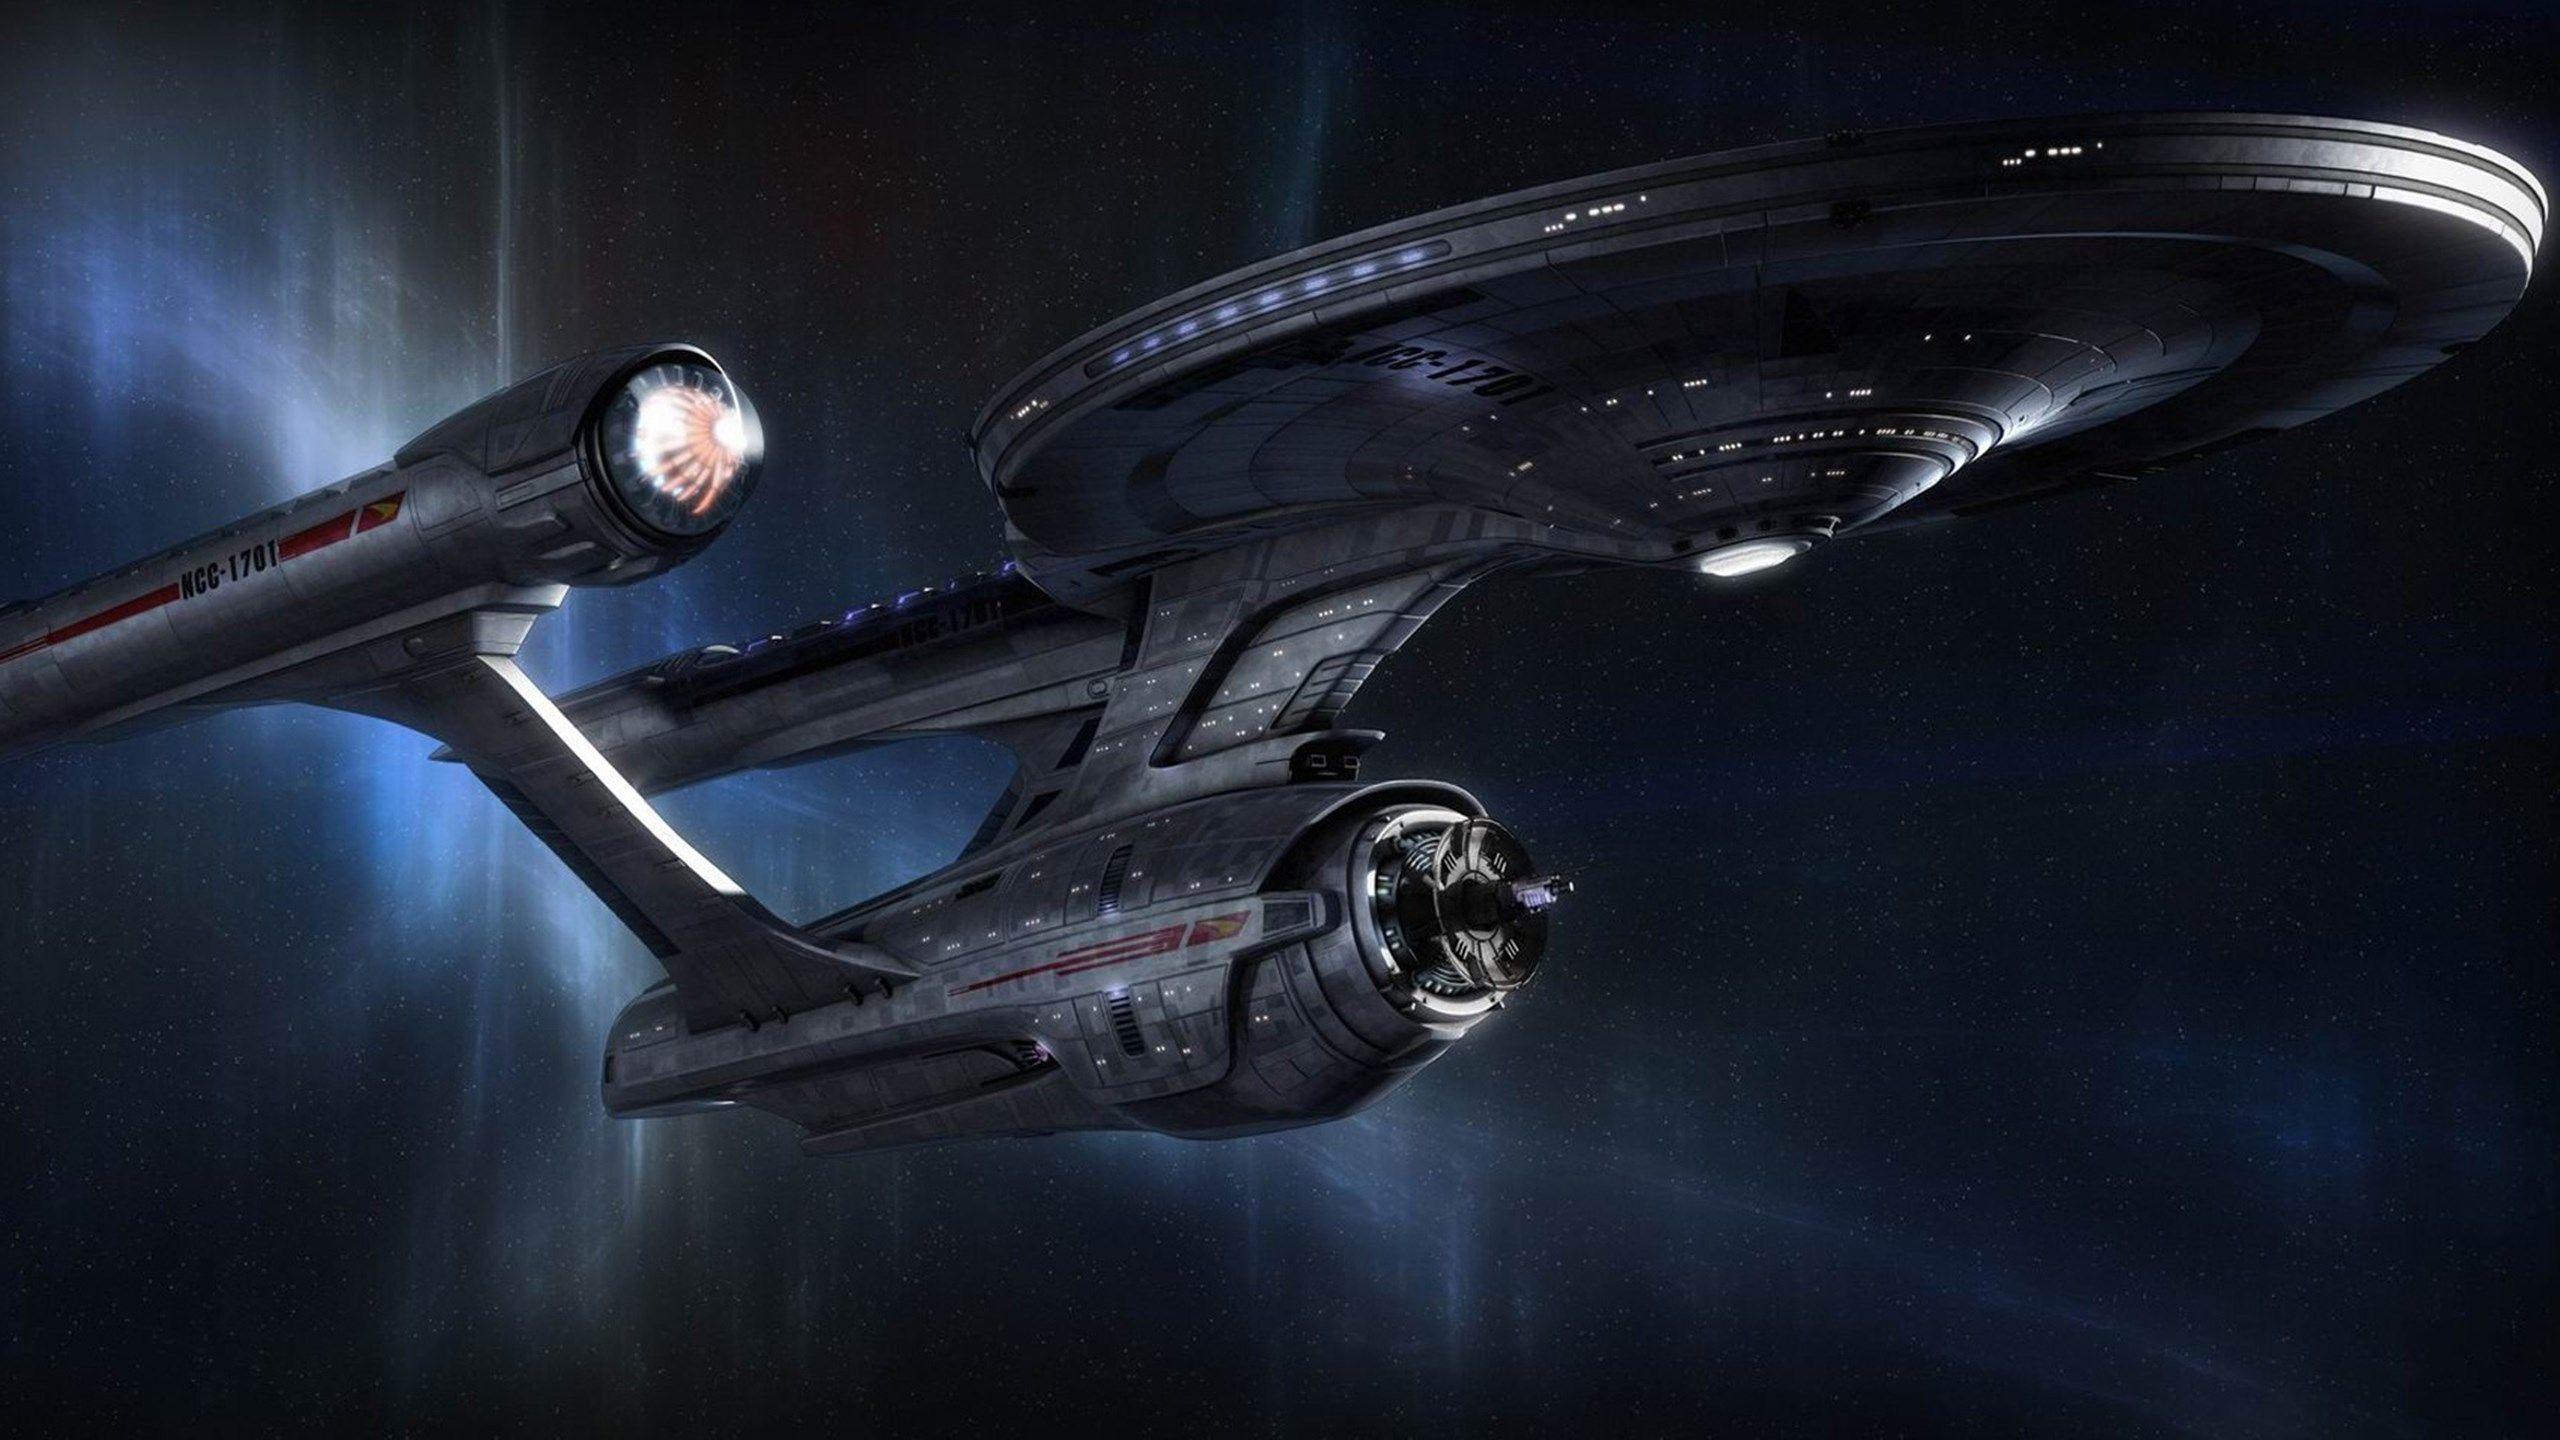 Widescreen Wallpaper Star Trek Star Trek Wallpaper Star Trek Into Darkness Star Trek Ships